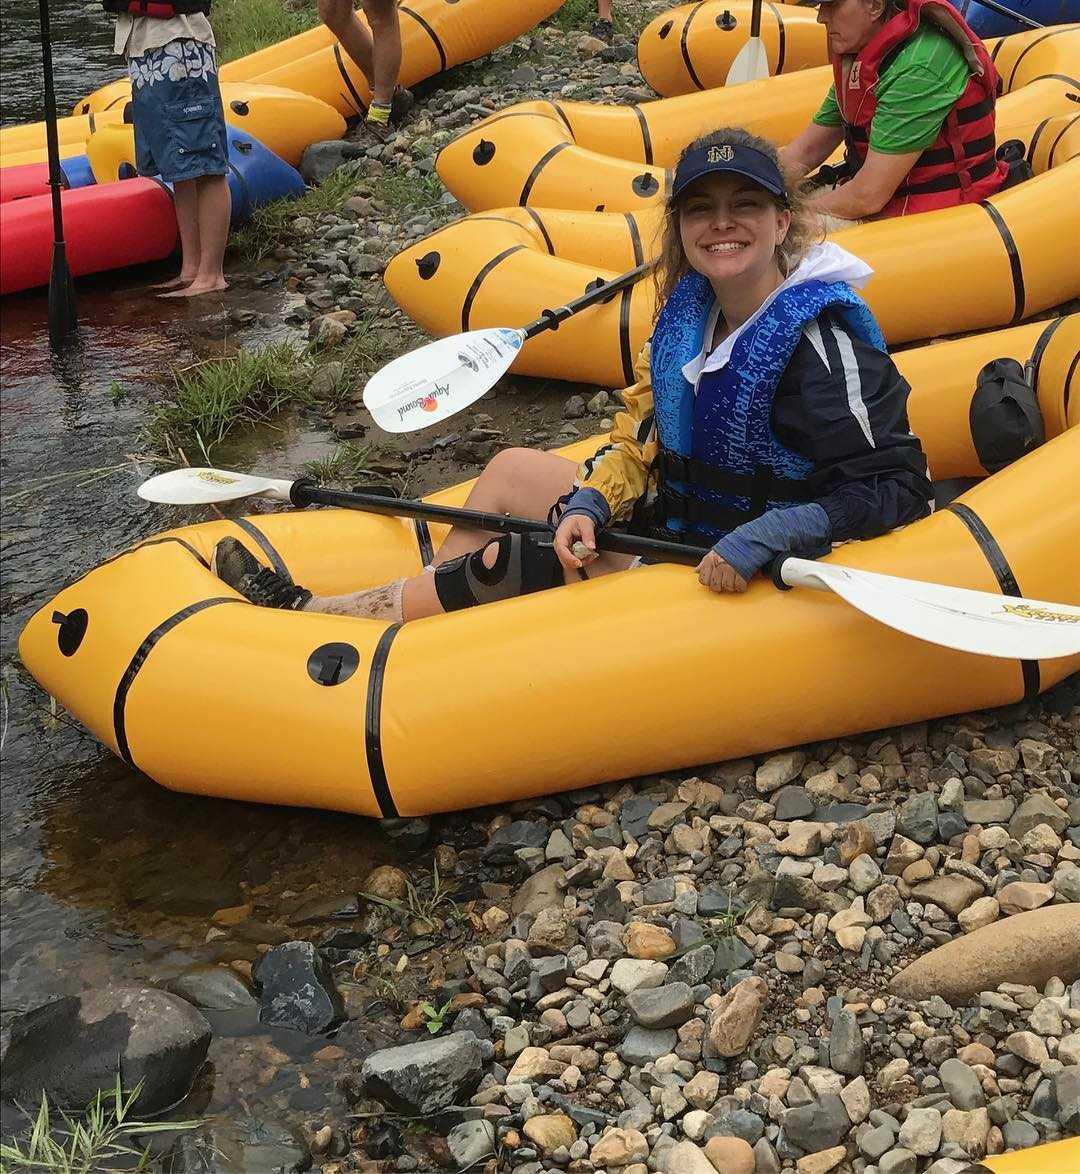 kaya mckenna callahan kayaking